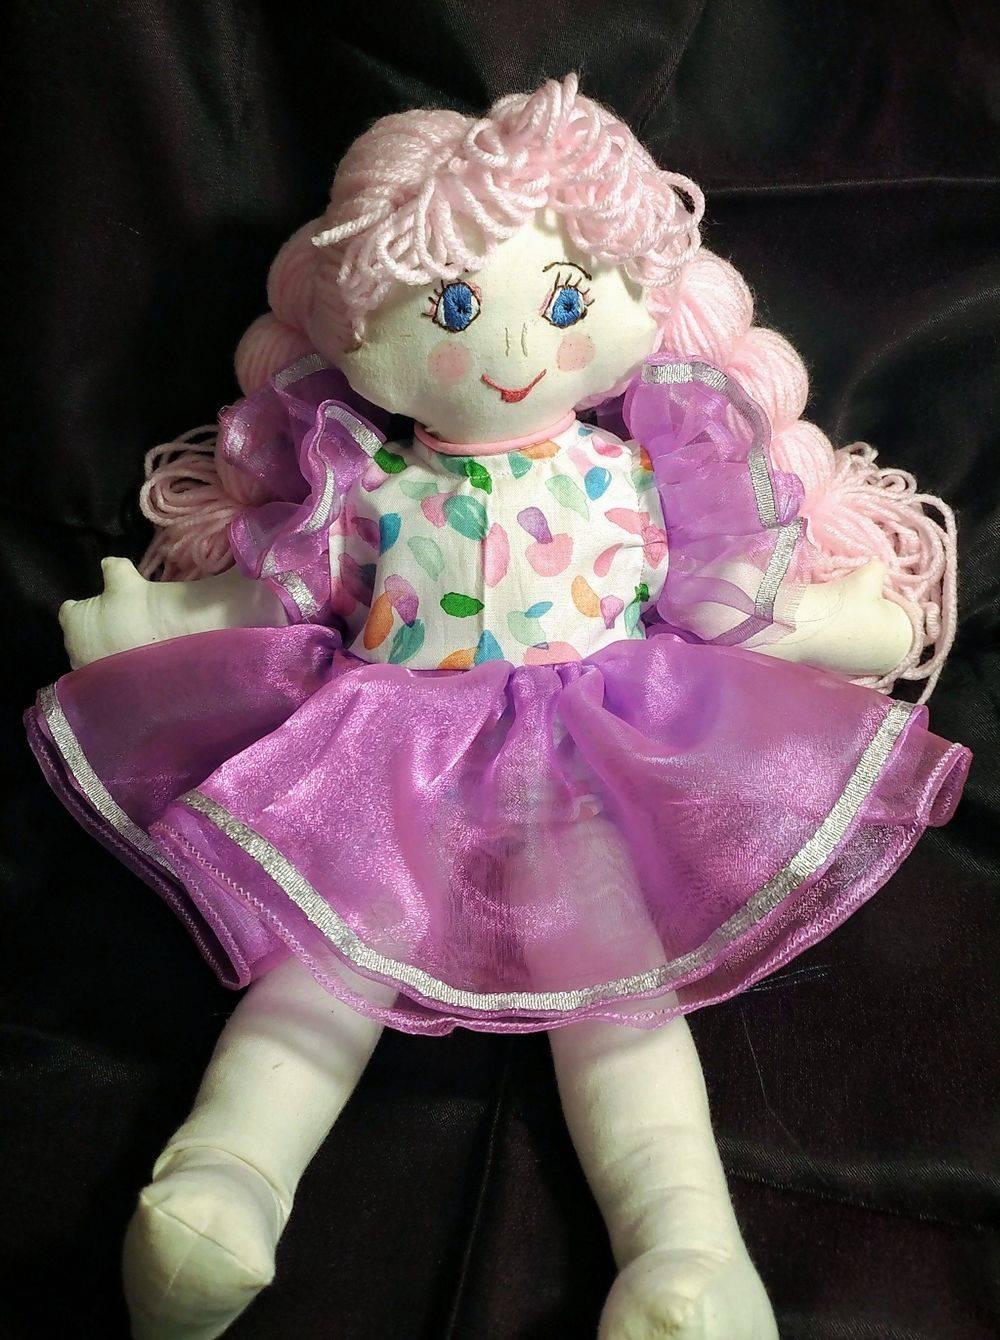 Rag dolls, baby doll, vintage doll, soft doll, 1st baby doll